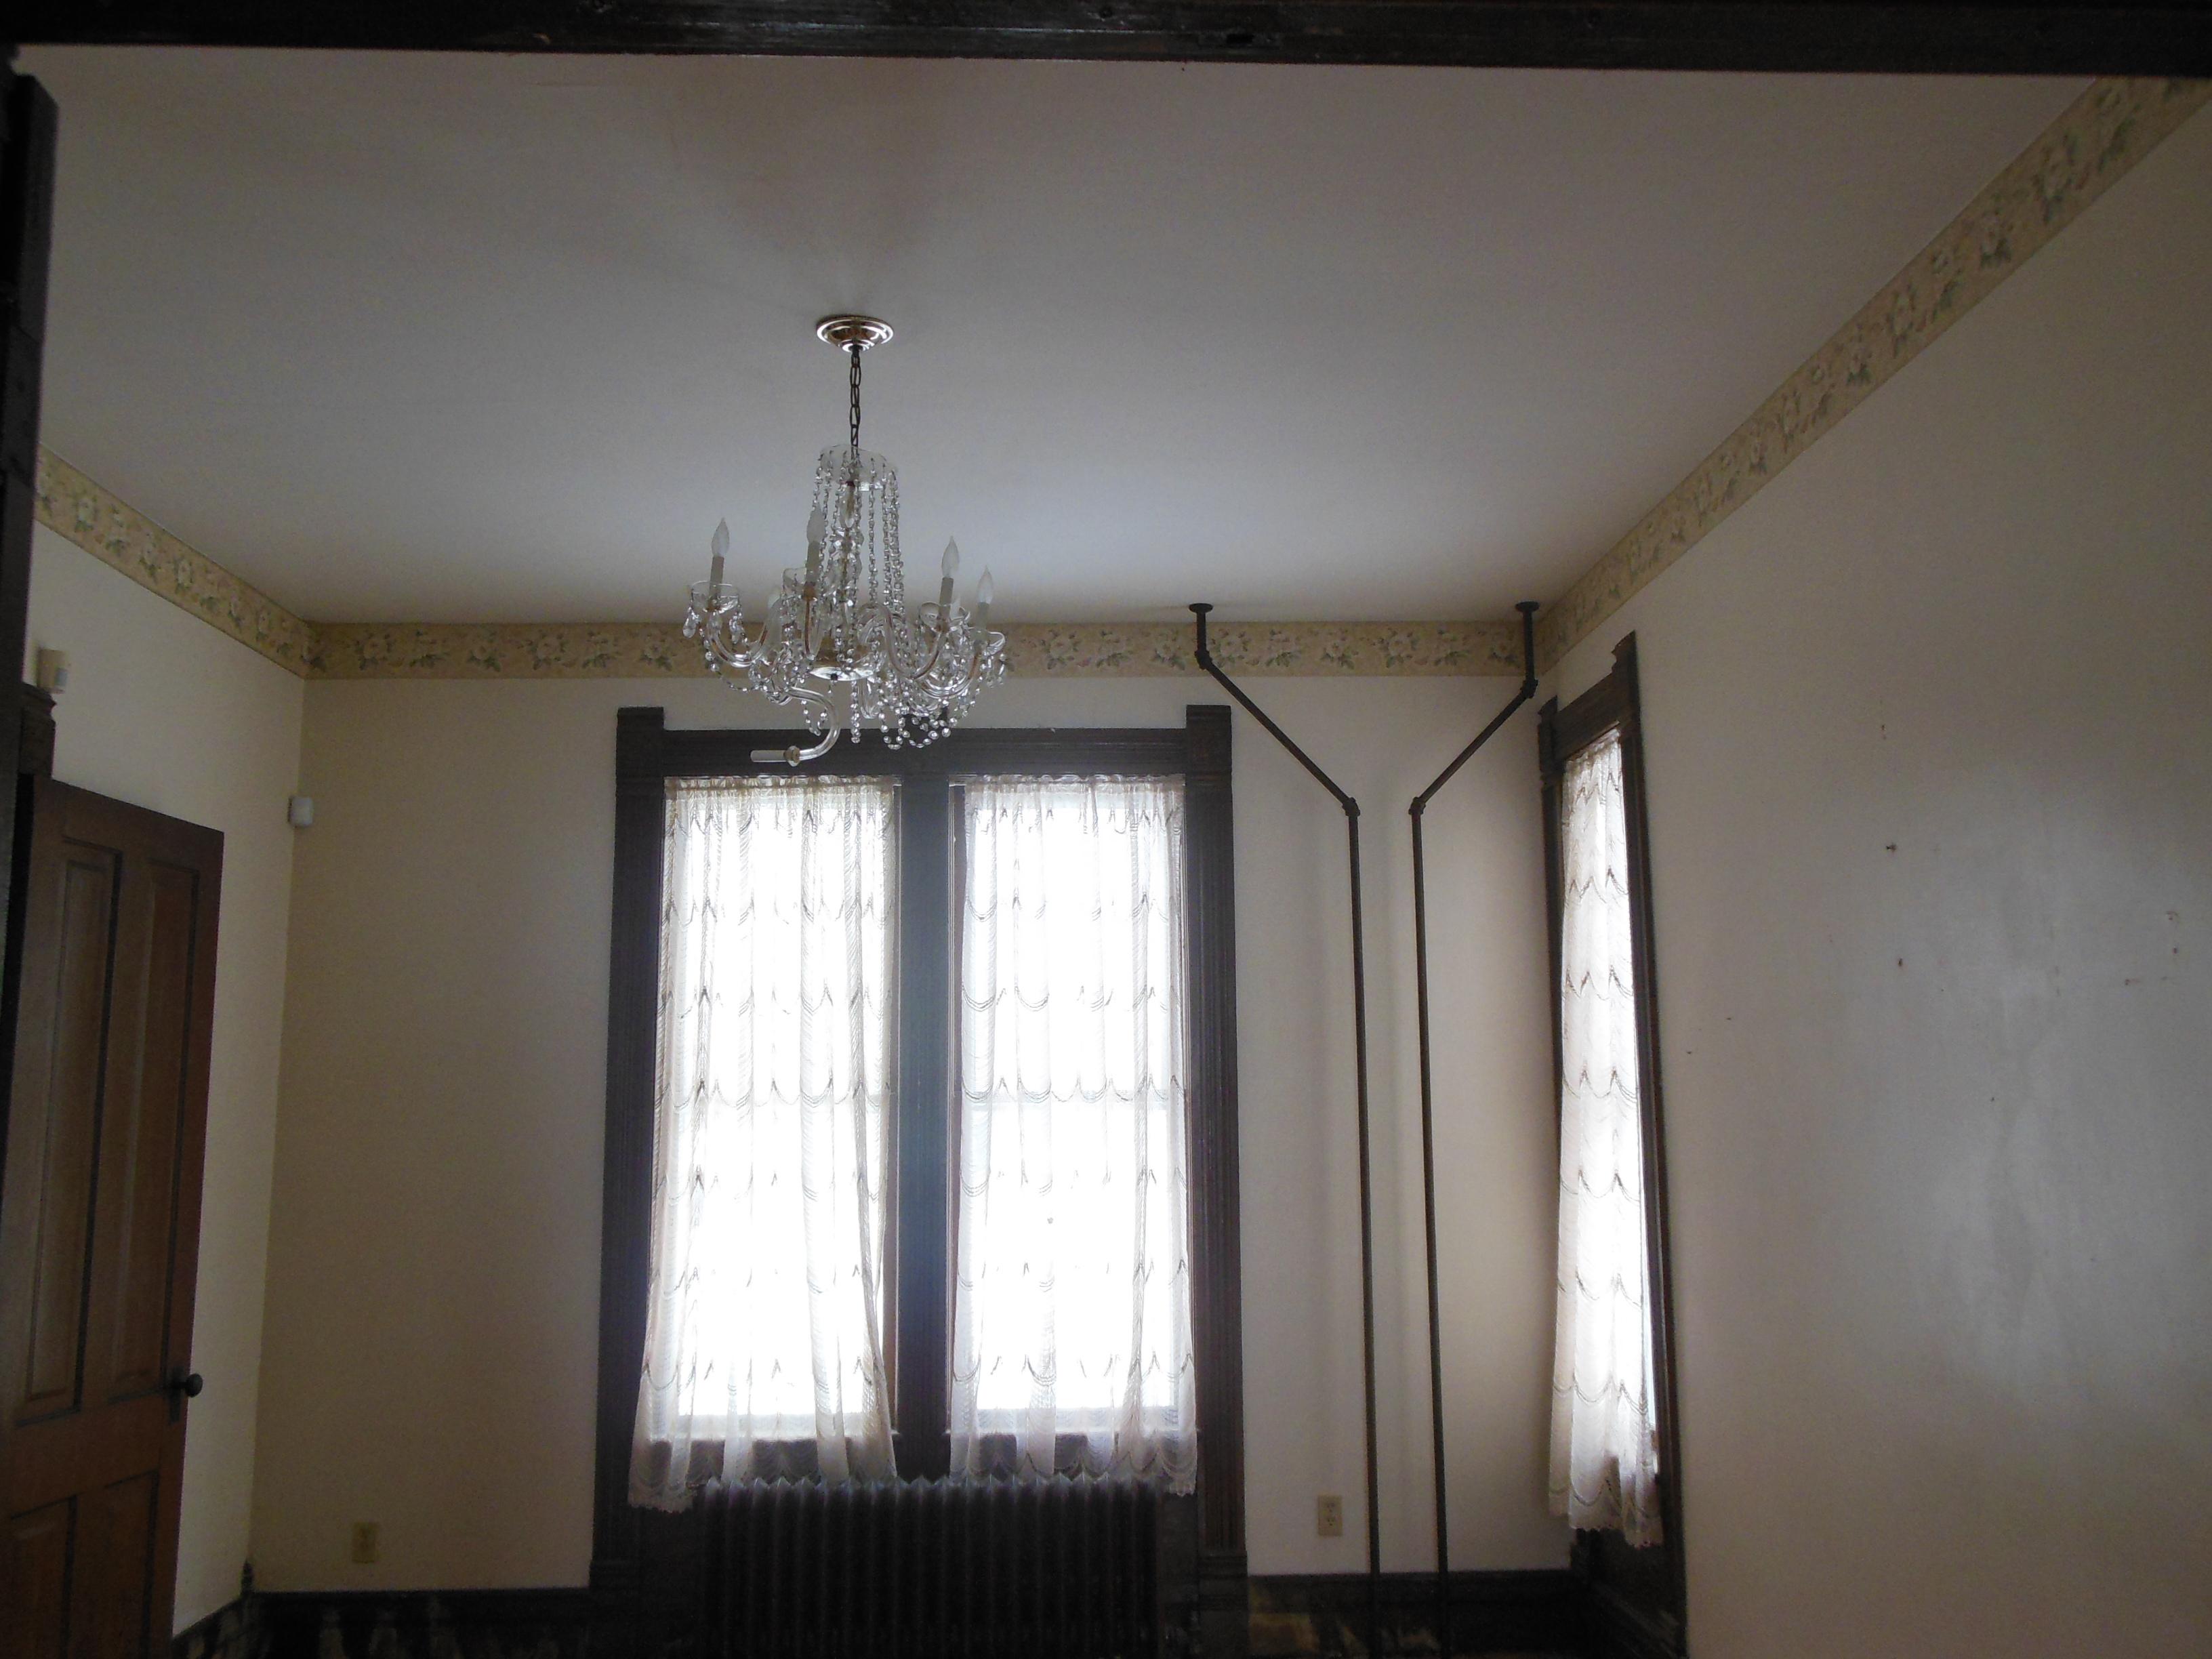 509 Normal interior